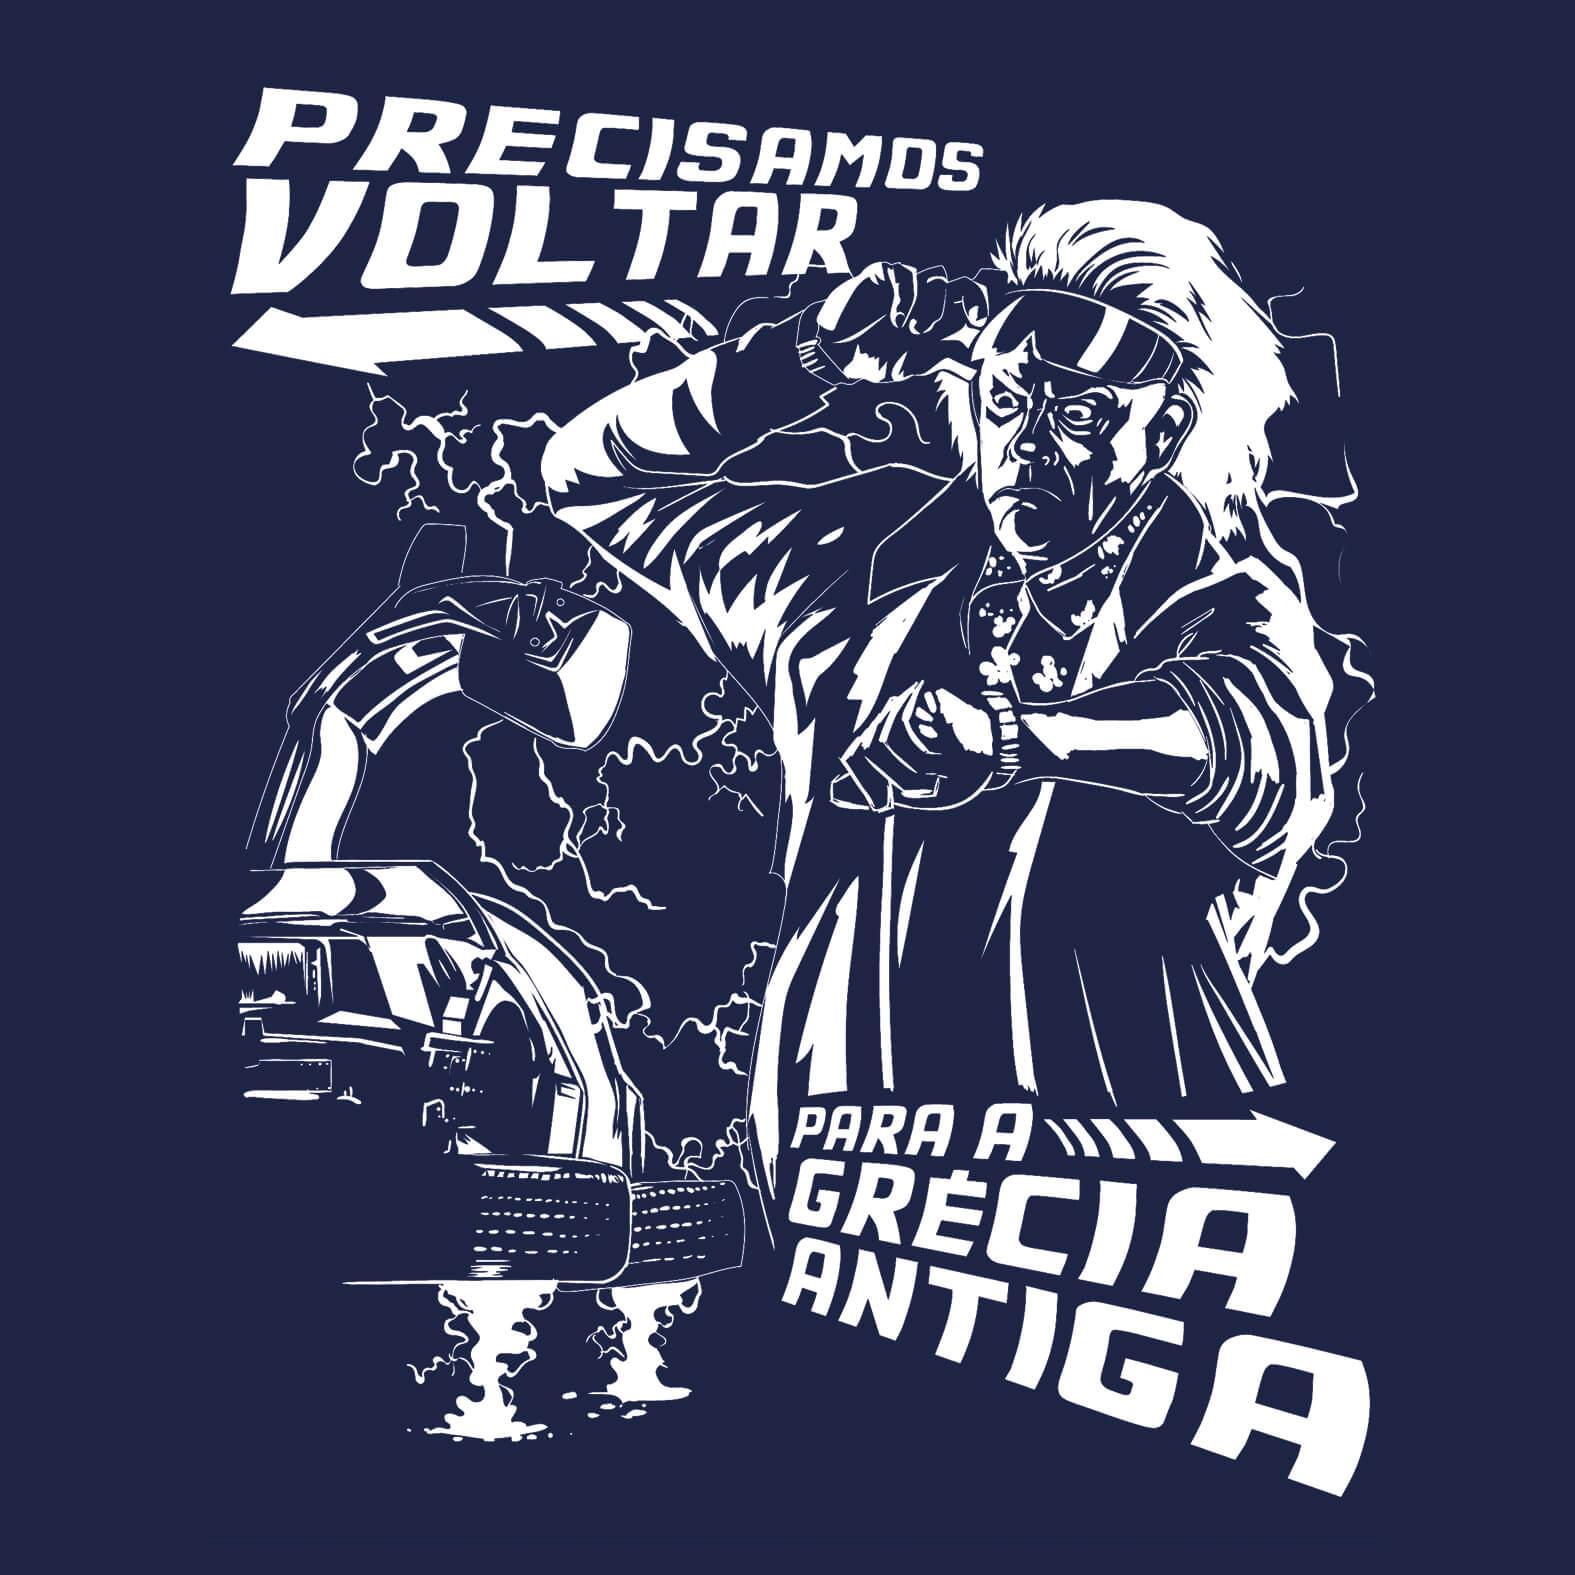 Camiseta Masculina De Volta para a Grécia Antiga